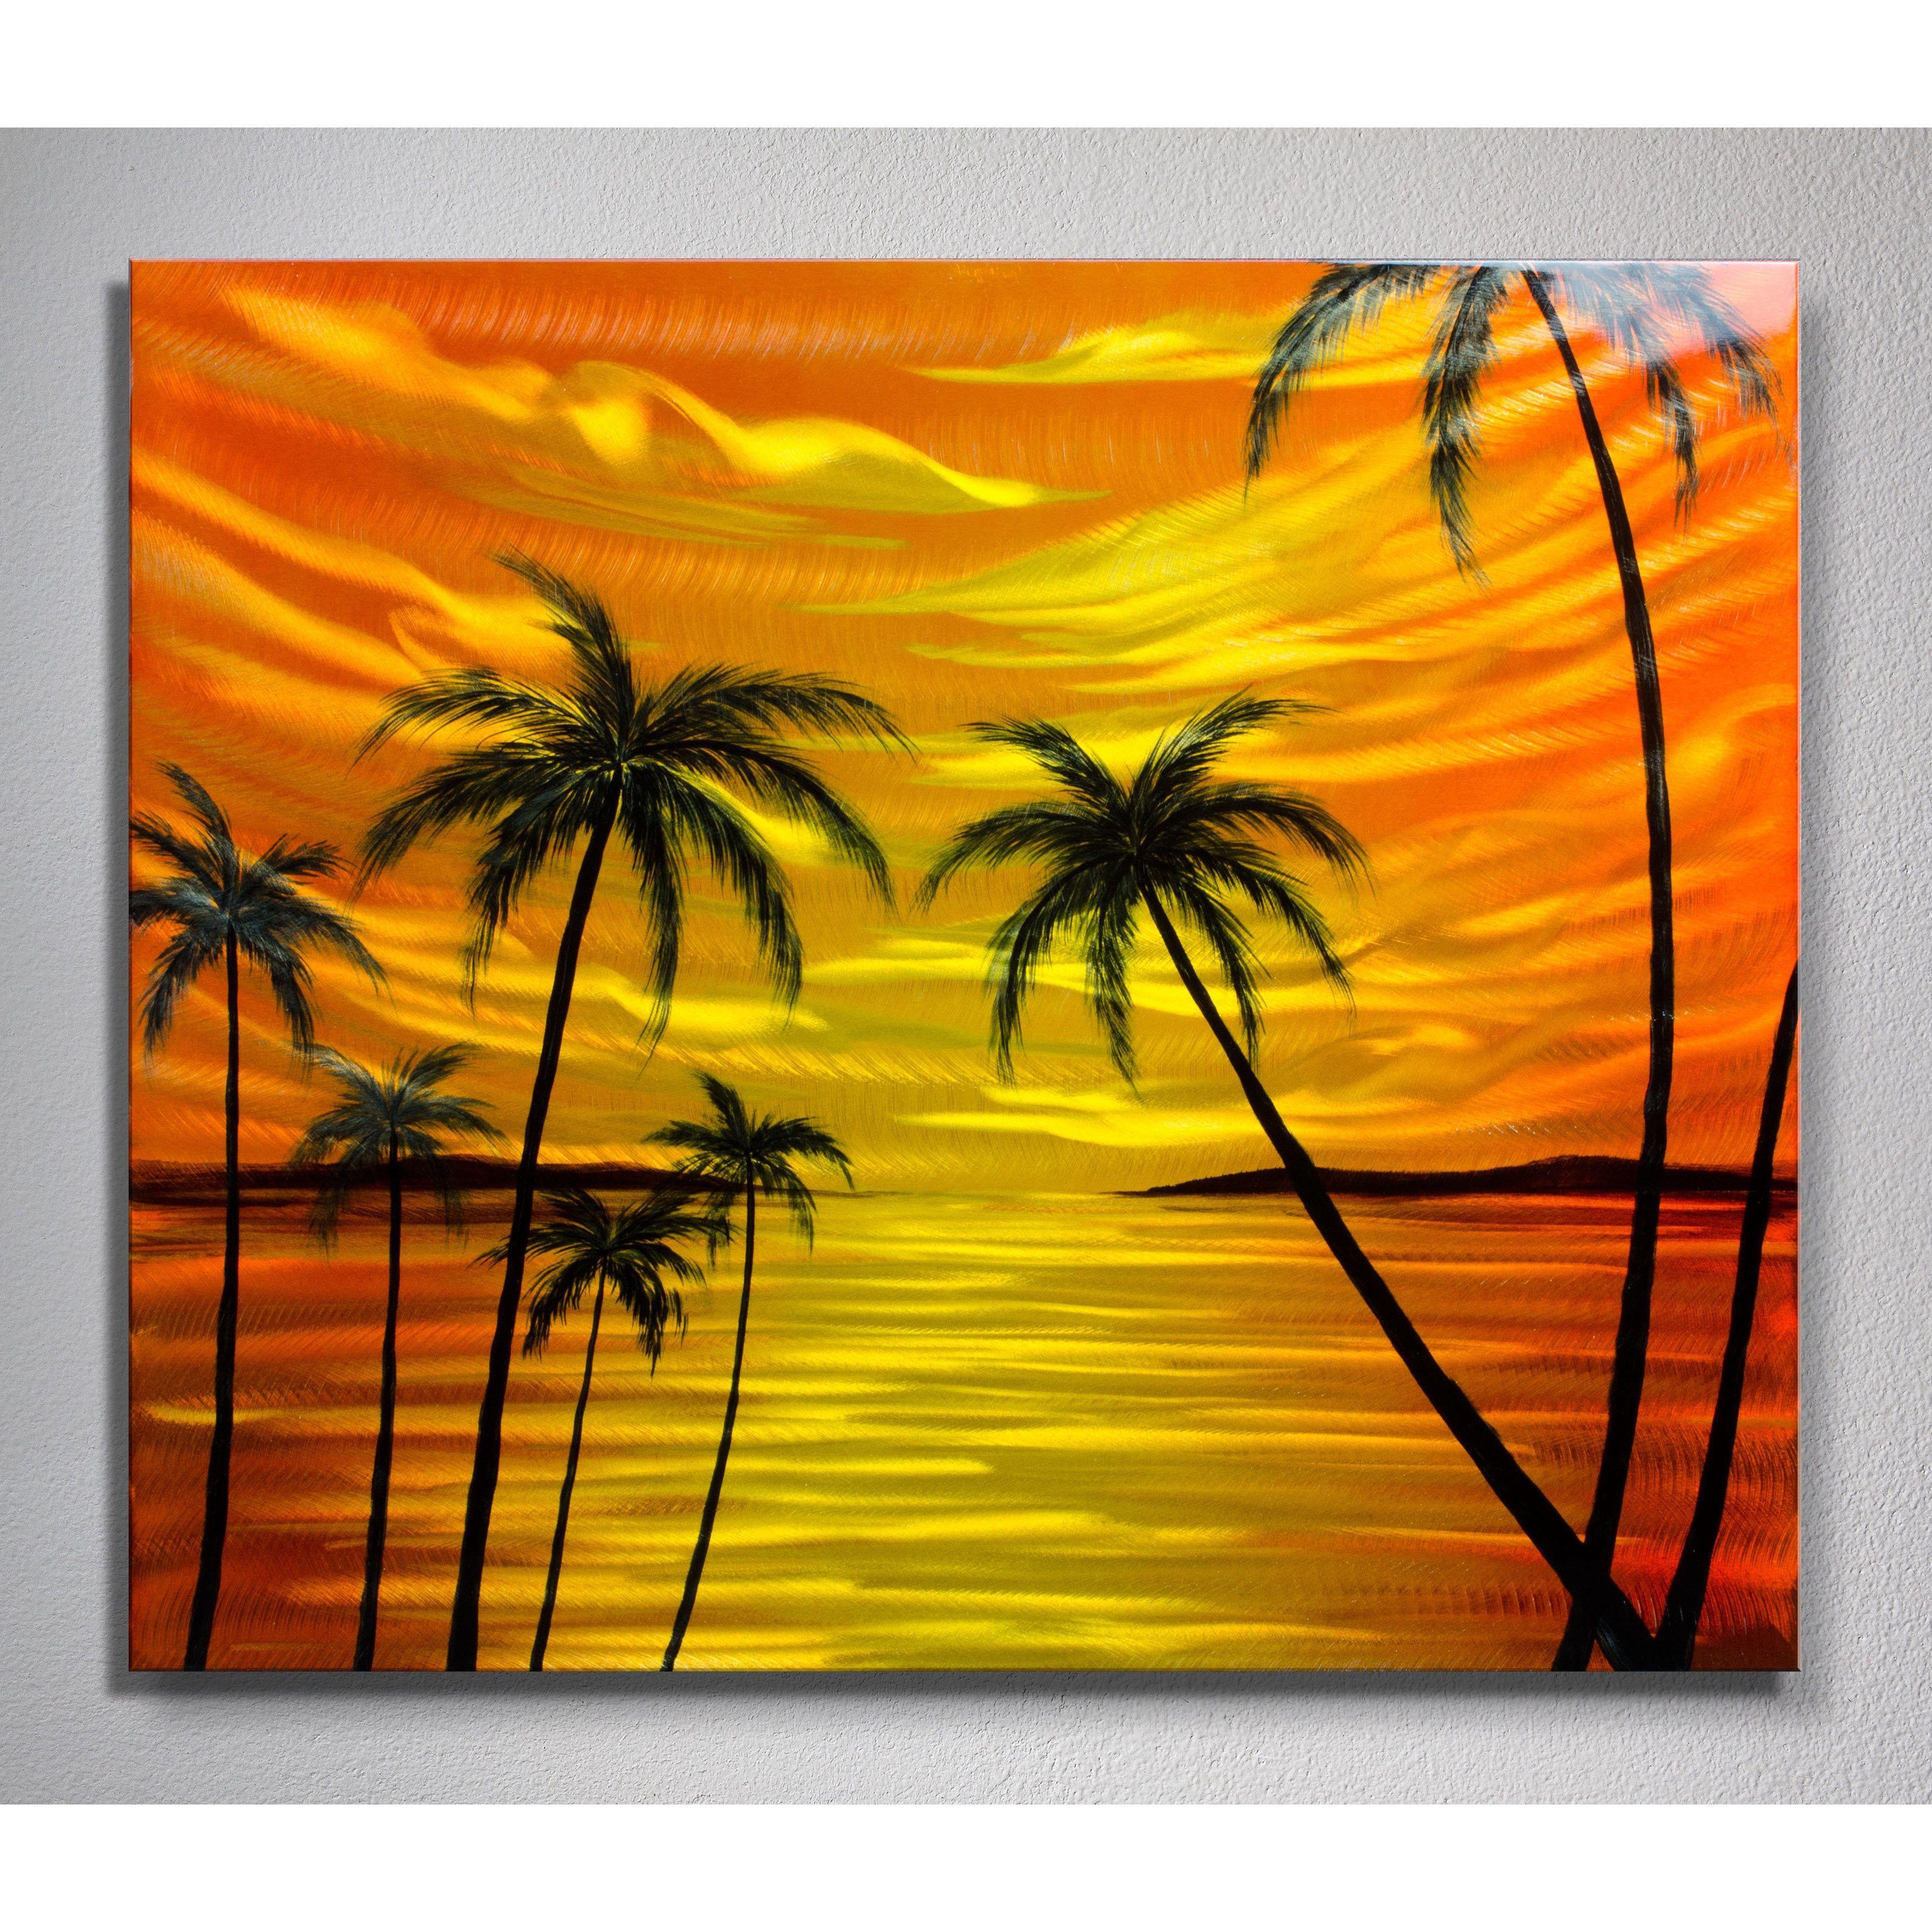 Tropical Sunset\' Metal Wall Art | Projektek 2. | Pinterest | Metal ...